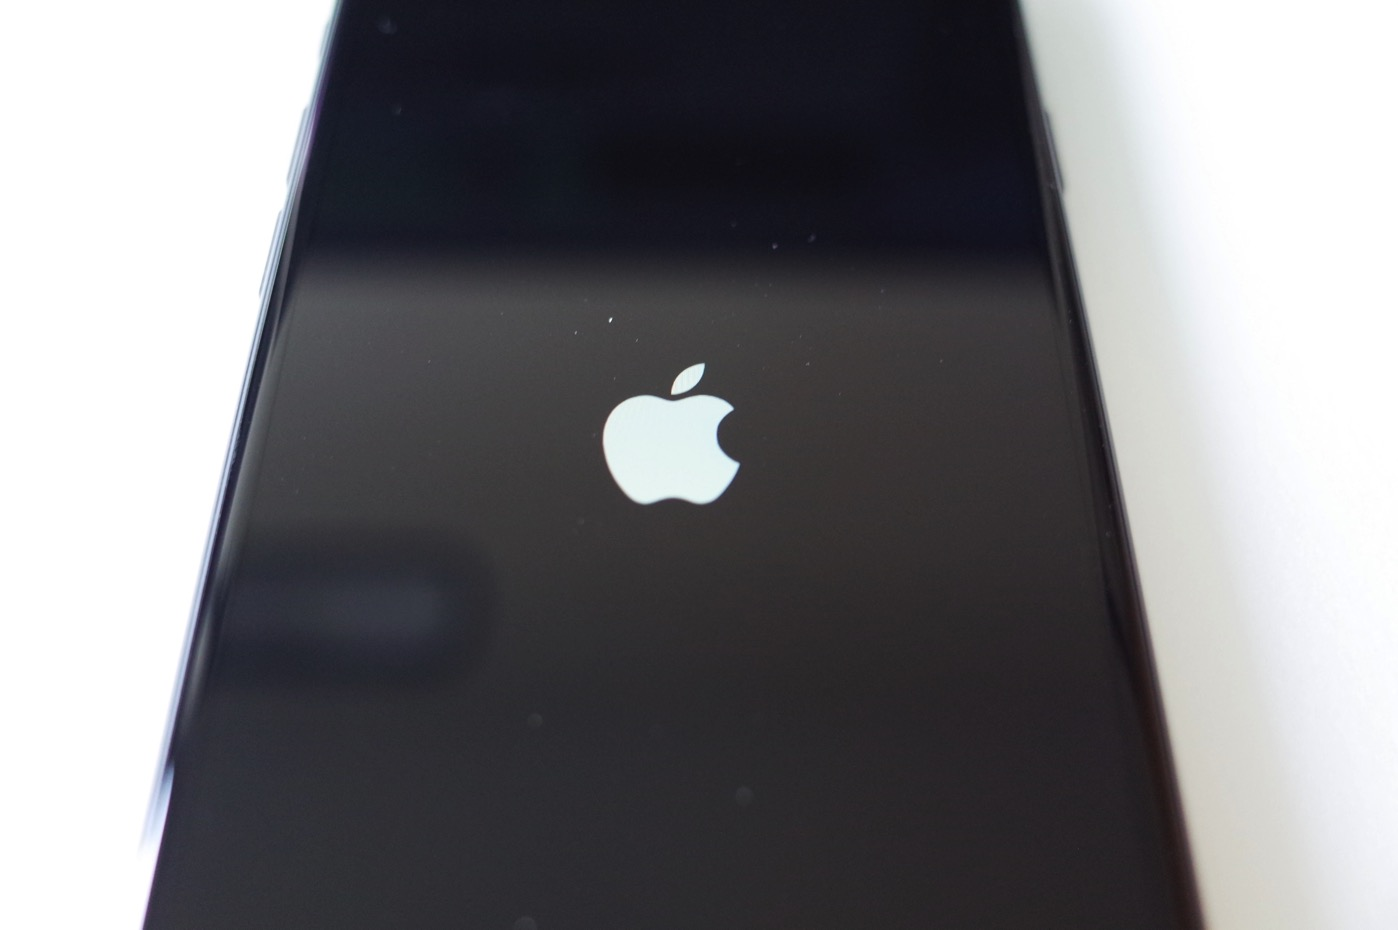 iPhone 7 ジェットブラック 256GB-8